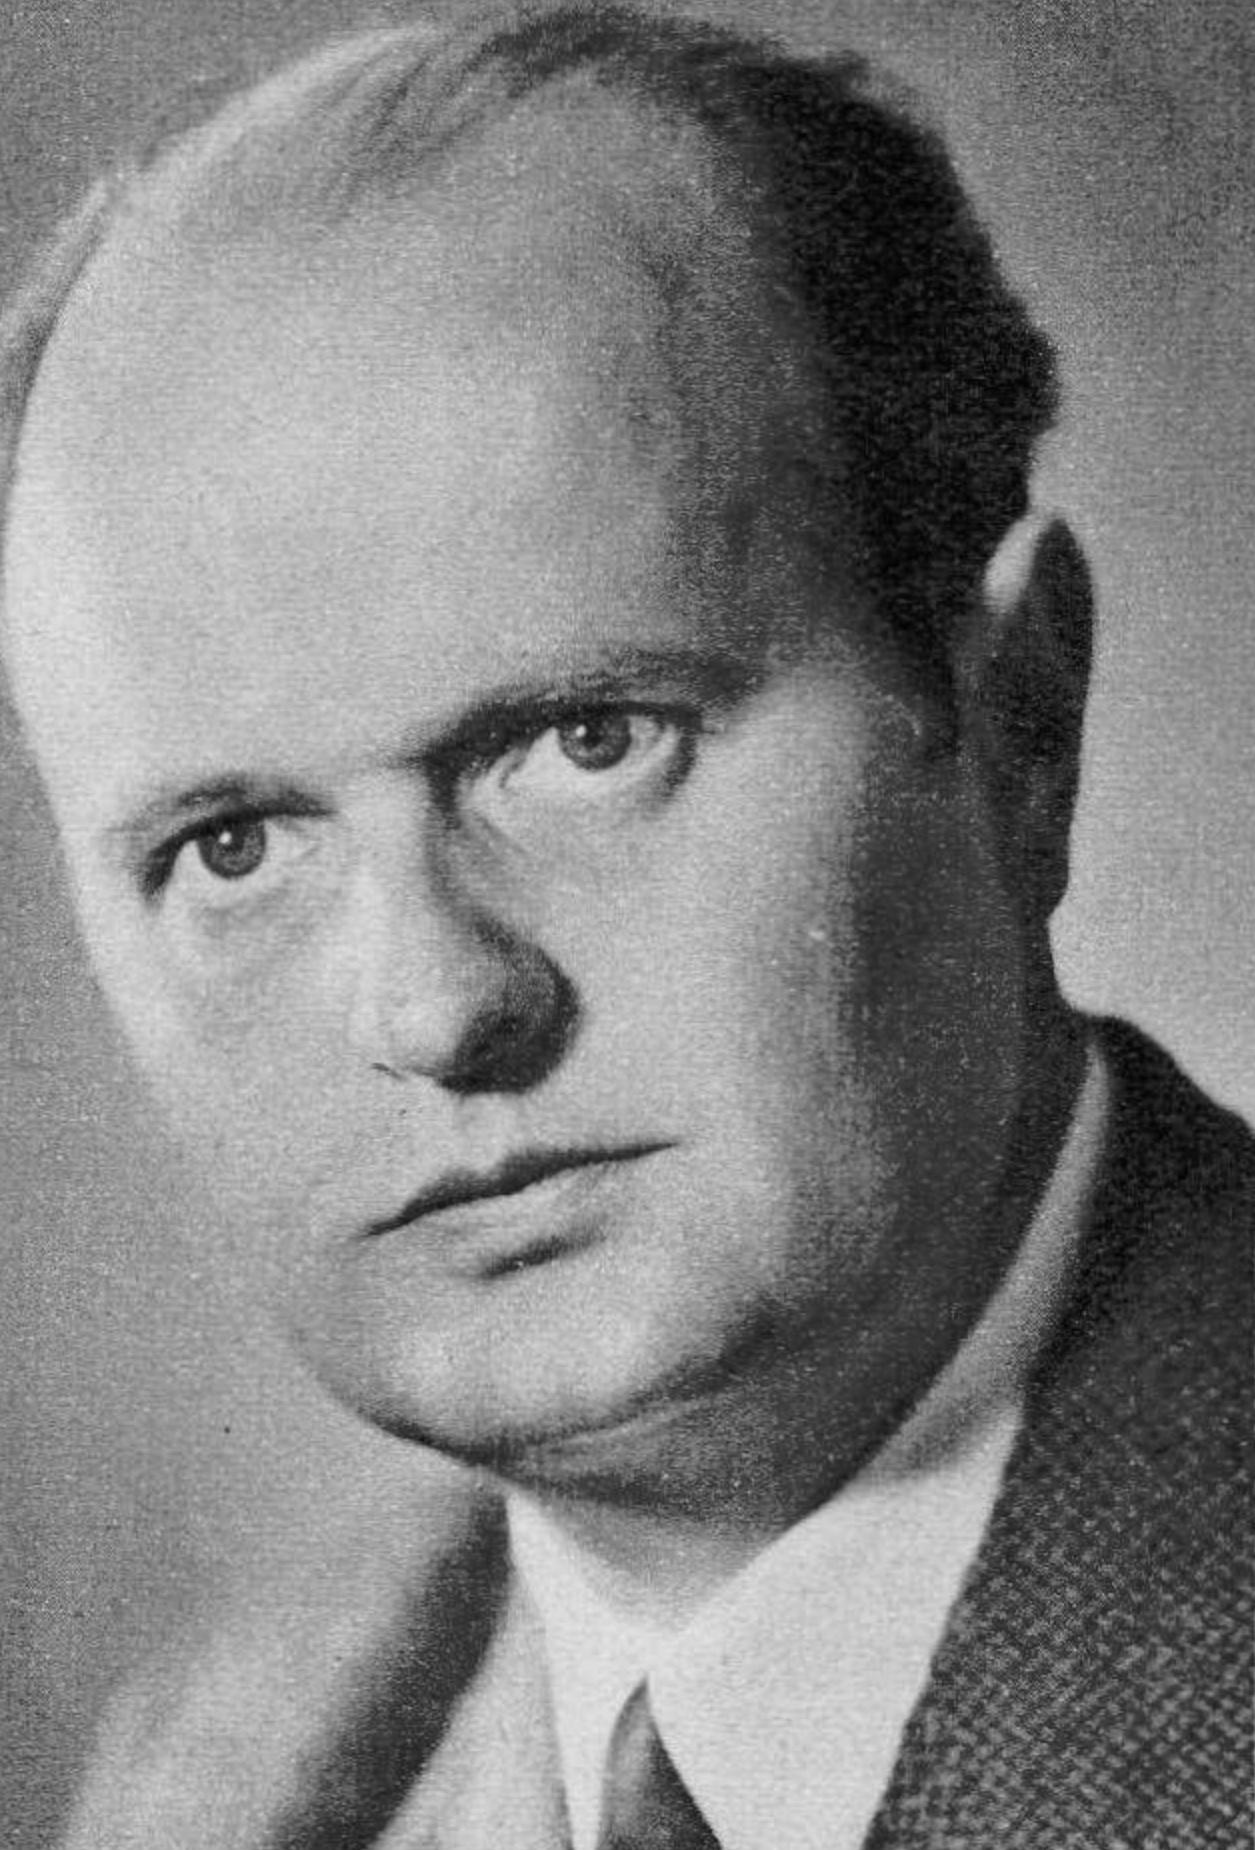 Ferenc FRICSAY, un portrait publié dans la revue Radio Je vois tout Télévision du 14 août 1958. No 33, page 10, Cliquer sur la photo pour une vue agrandie et quelques infos